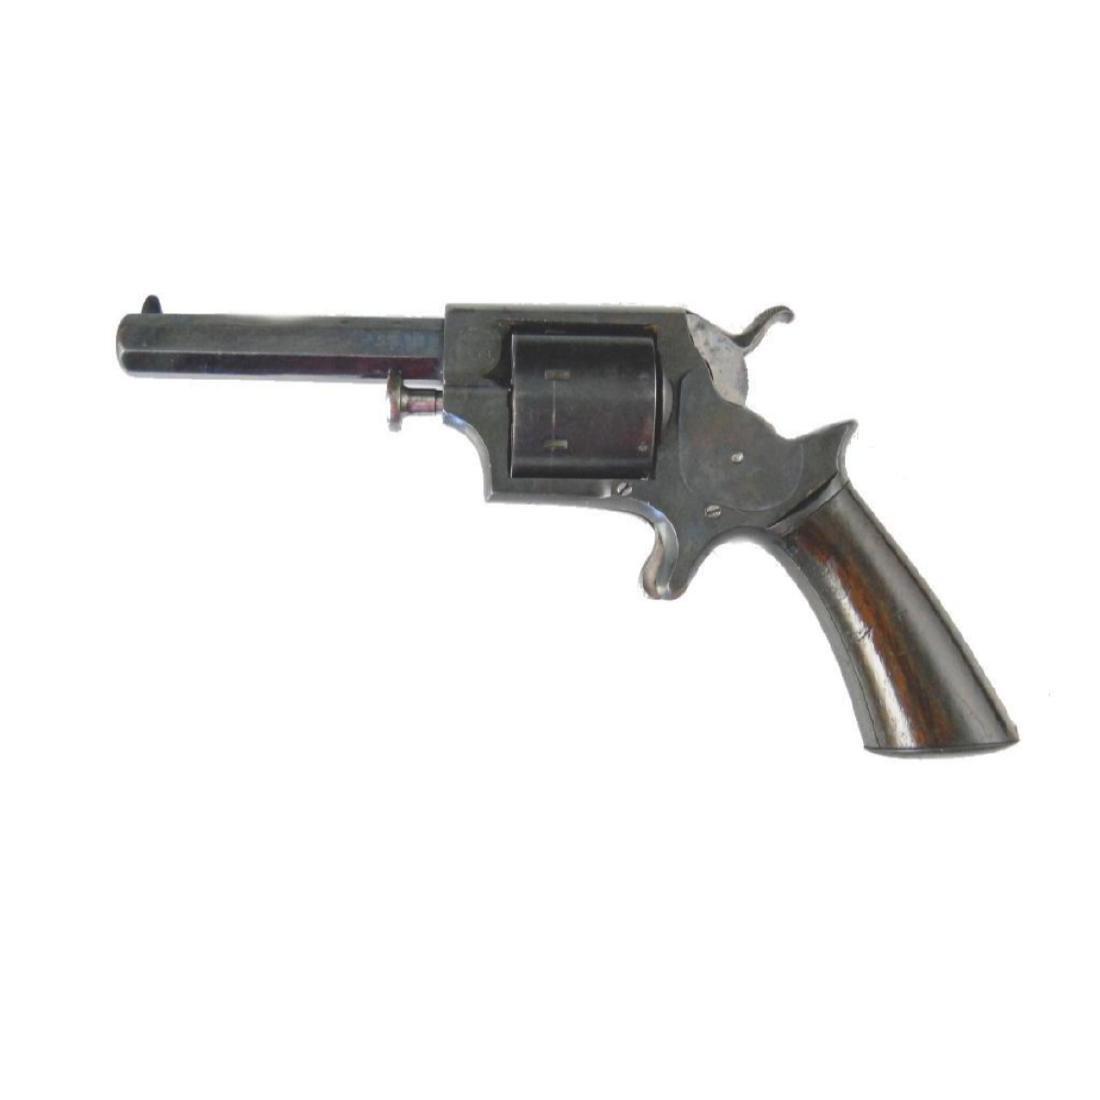 1863 Model Tranter's Patent Revolver - 3